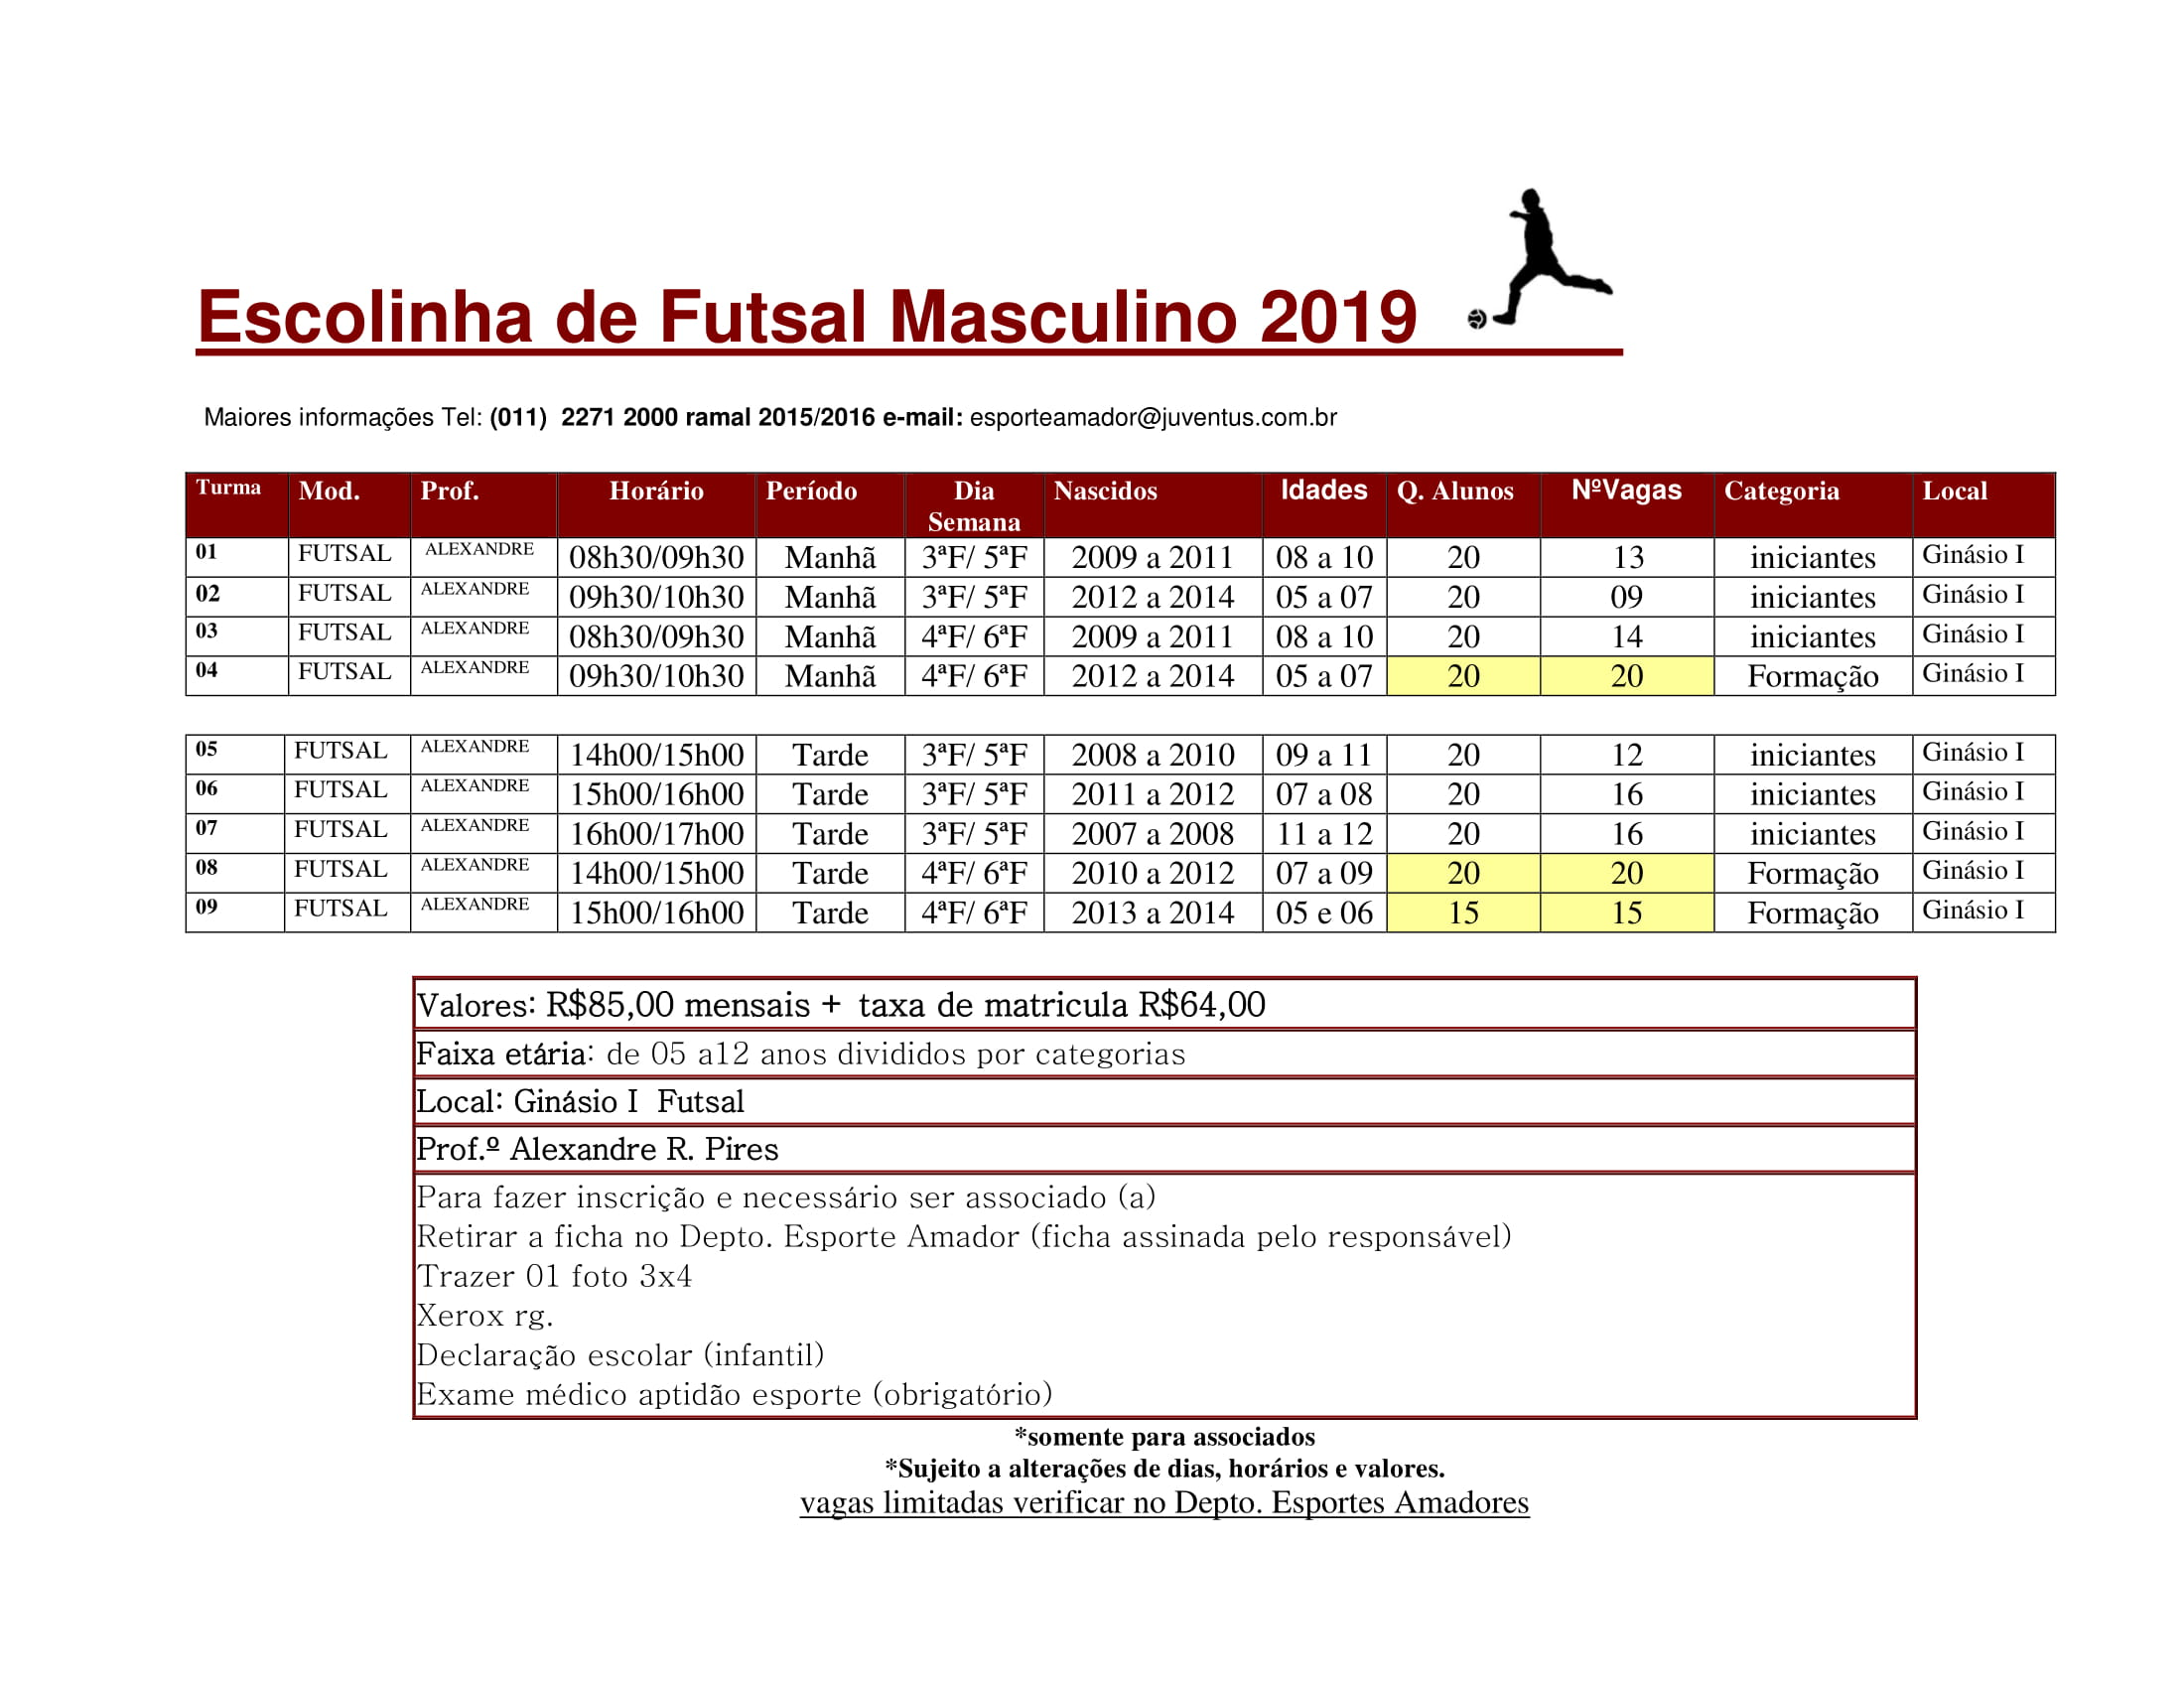 Escola Futsal - Esporte Amador 2019